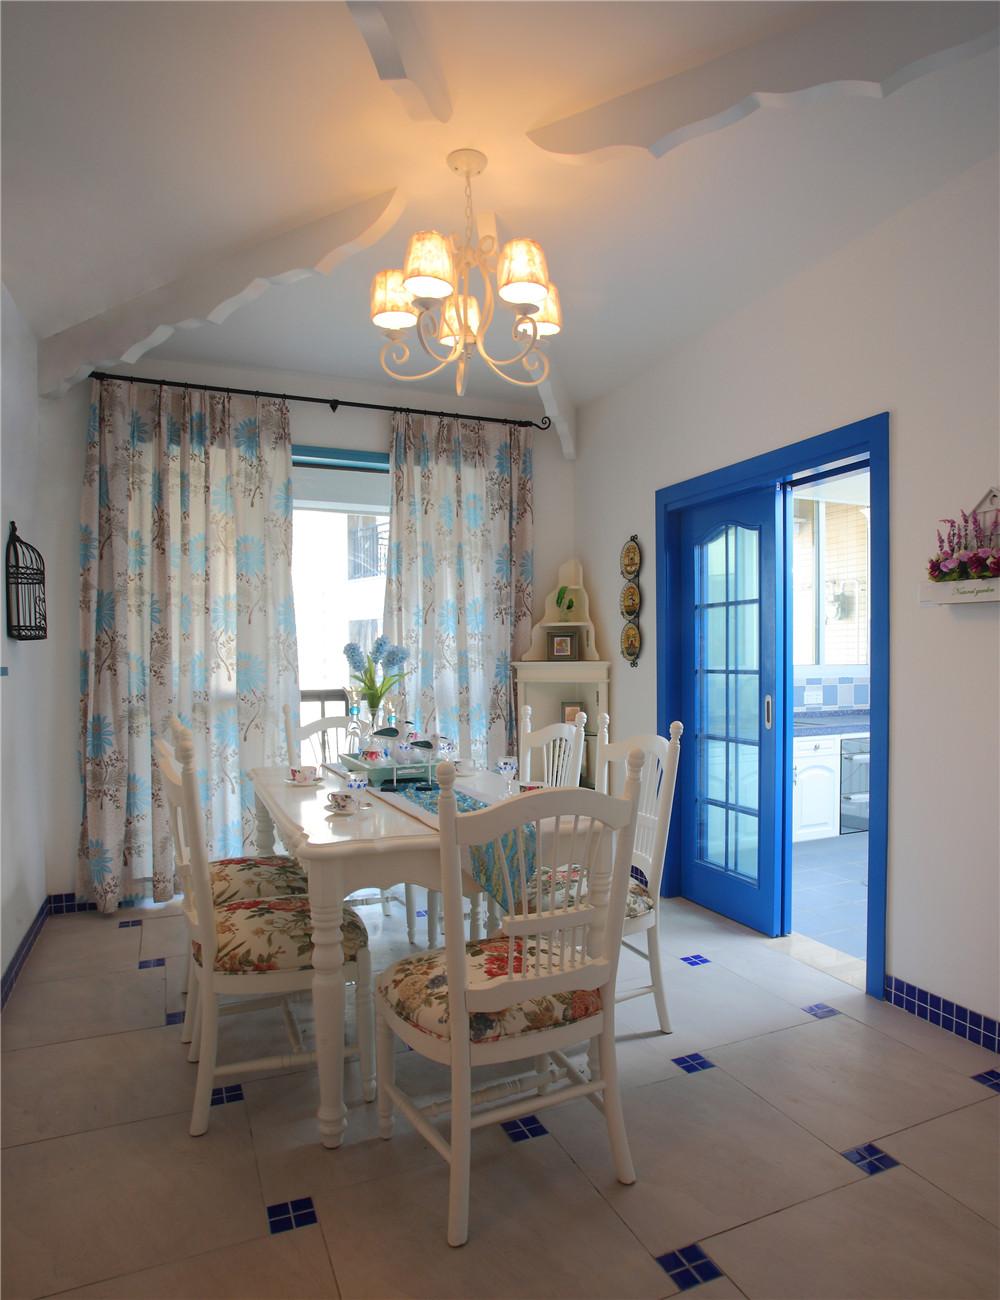 地中海 5居 白领 收纳 餐厅图片来自装饰装修-18818806853在白+蓝+的浪漫地中海风情的分享